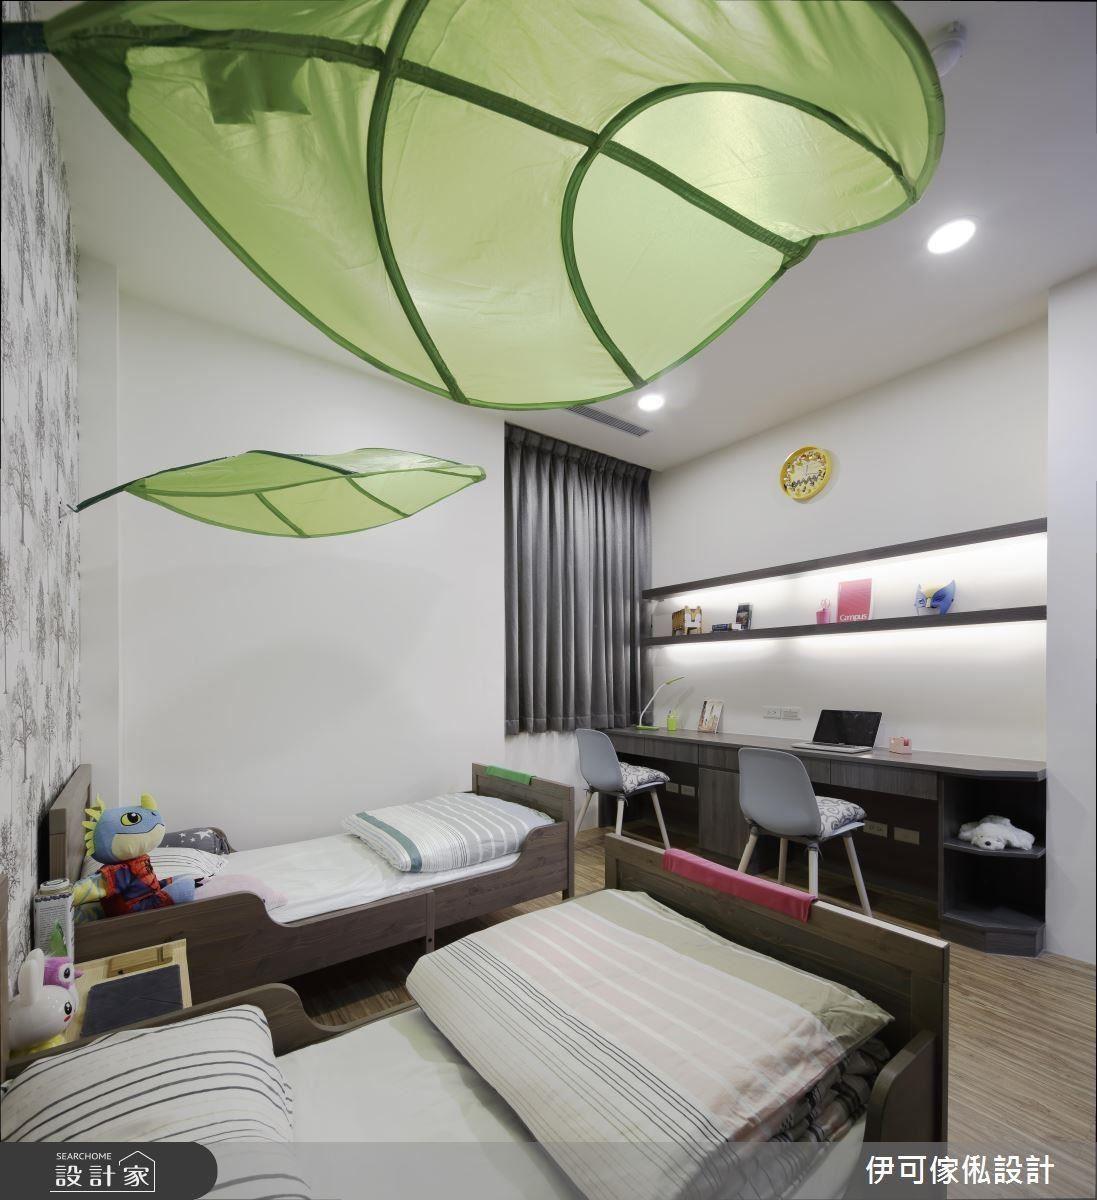 為兒童房保留足夠的動線,搭配最多可延伸至 200 公分的床架,以及收納量足夠的書桌,延續性相當足夠。